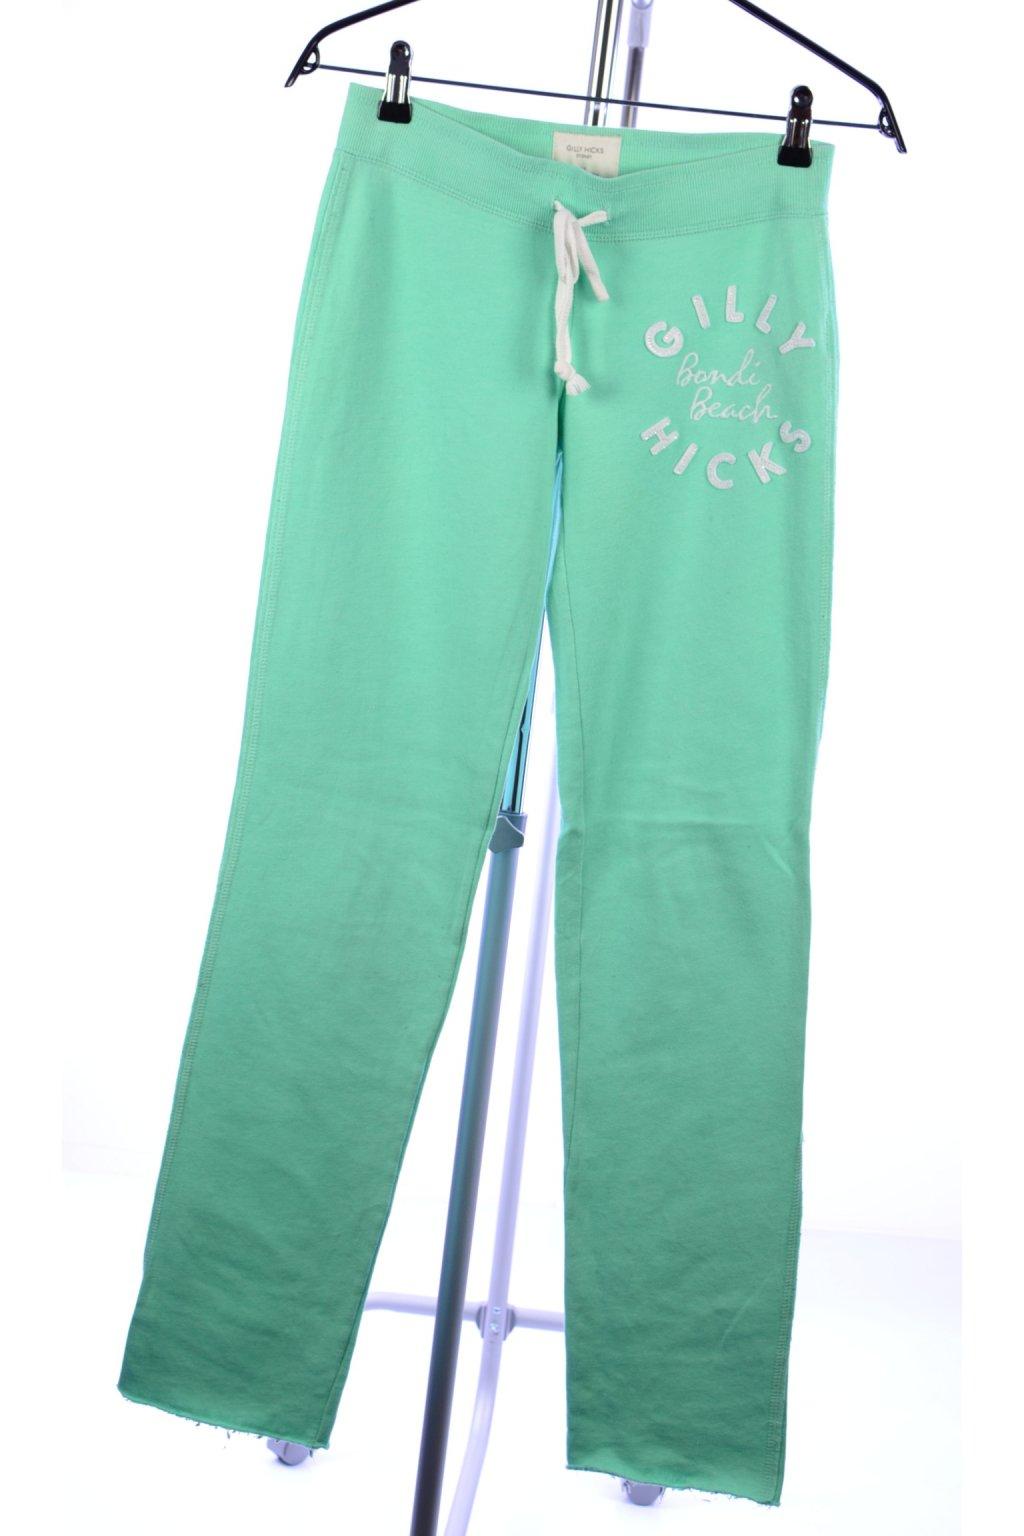 Tepláky Abercrombie & fitch vel XS zelená mint